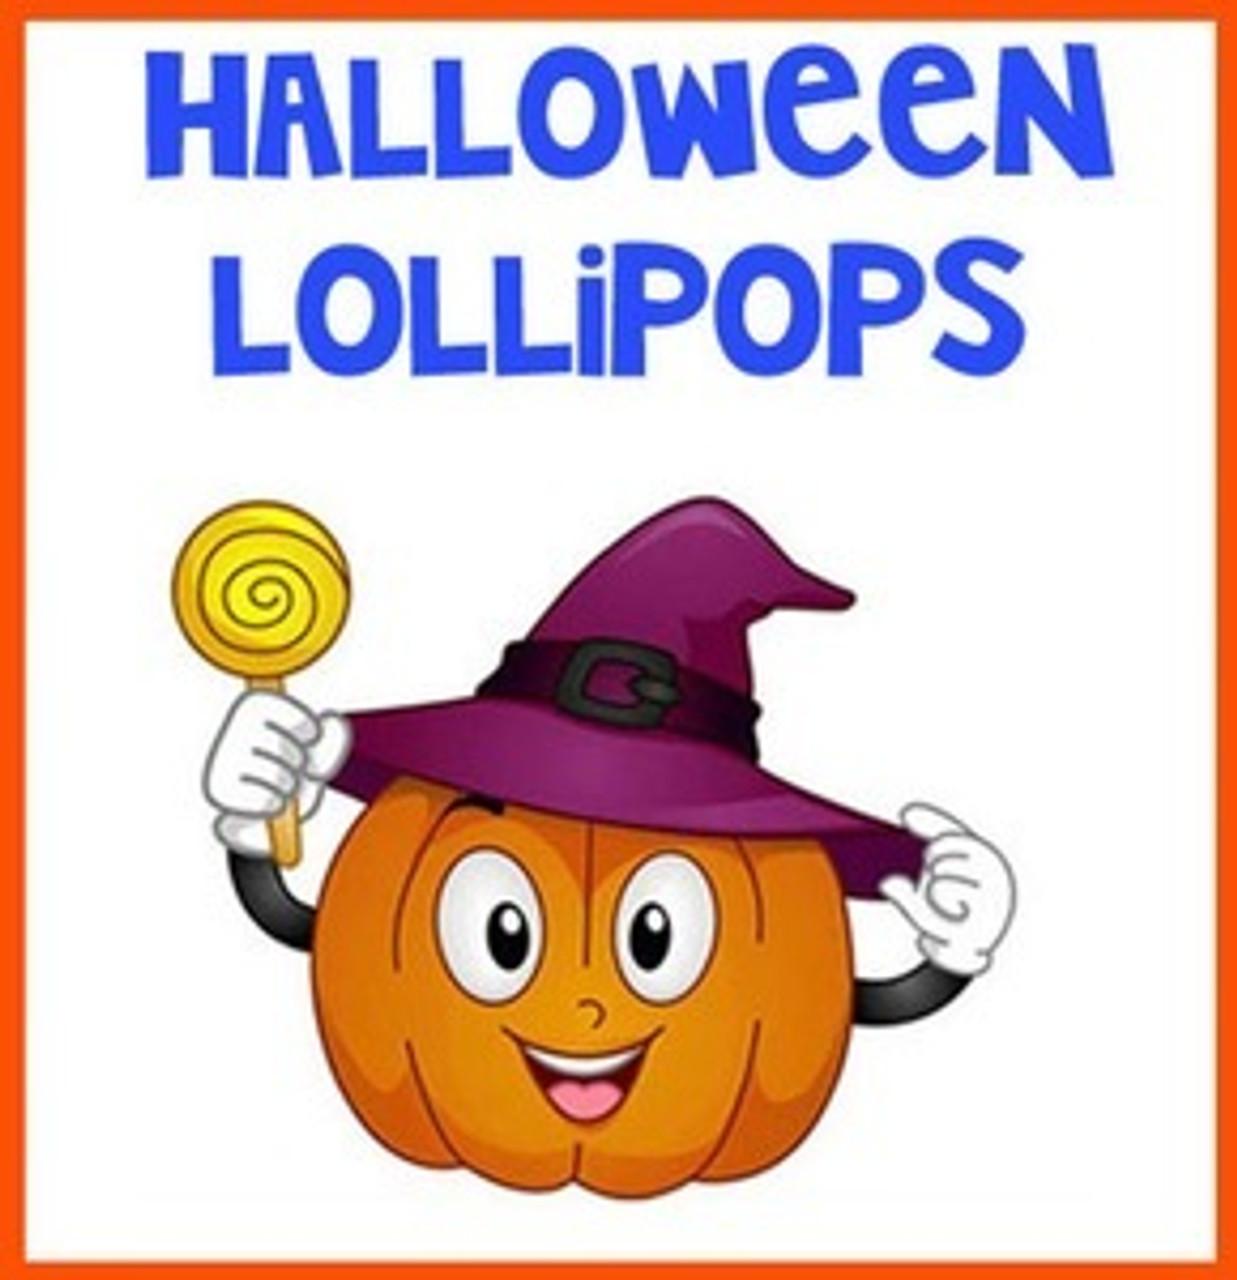 Halloween Lollipop Selections